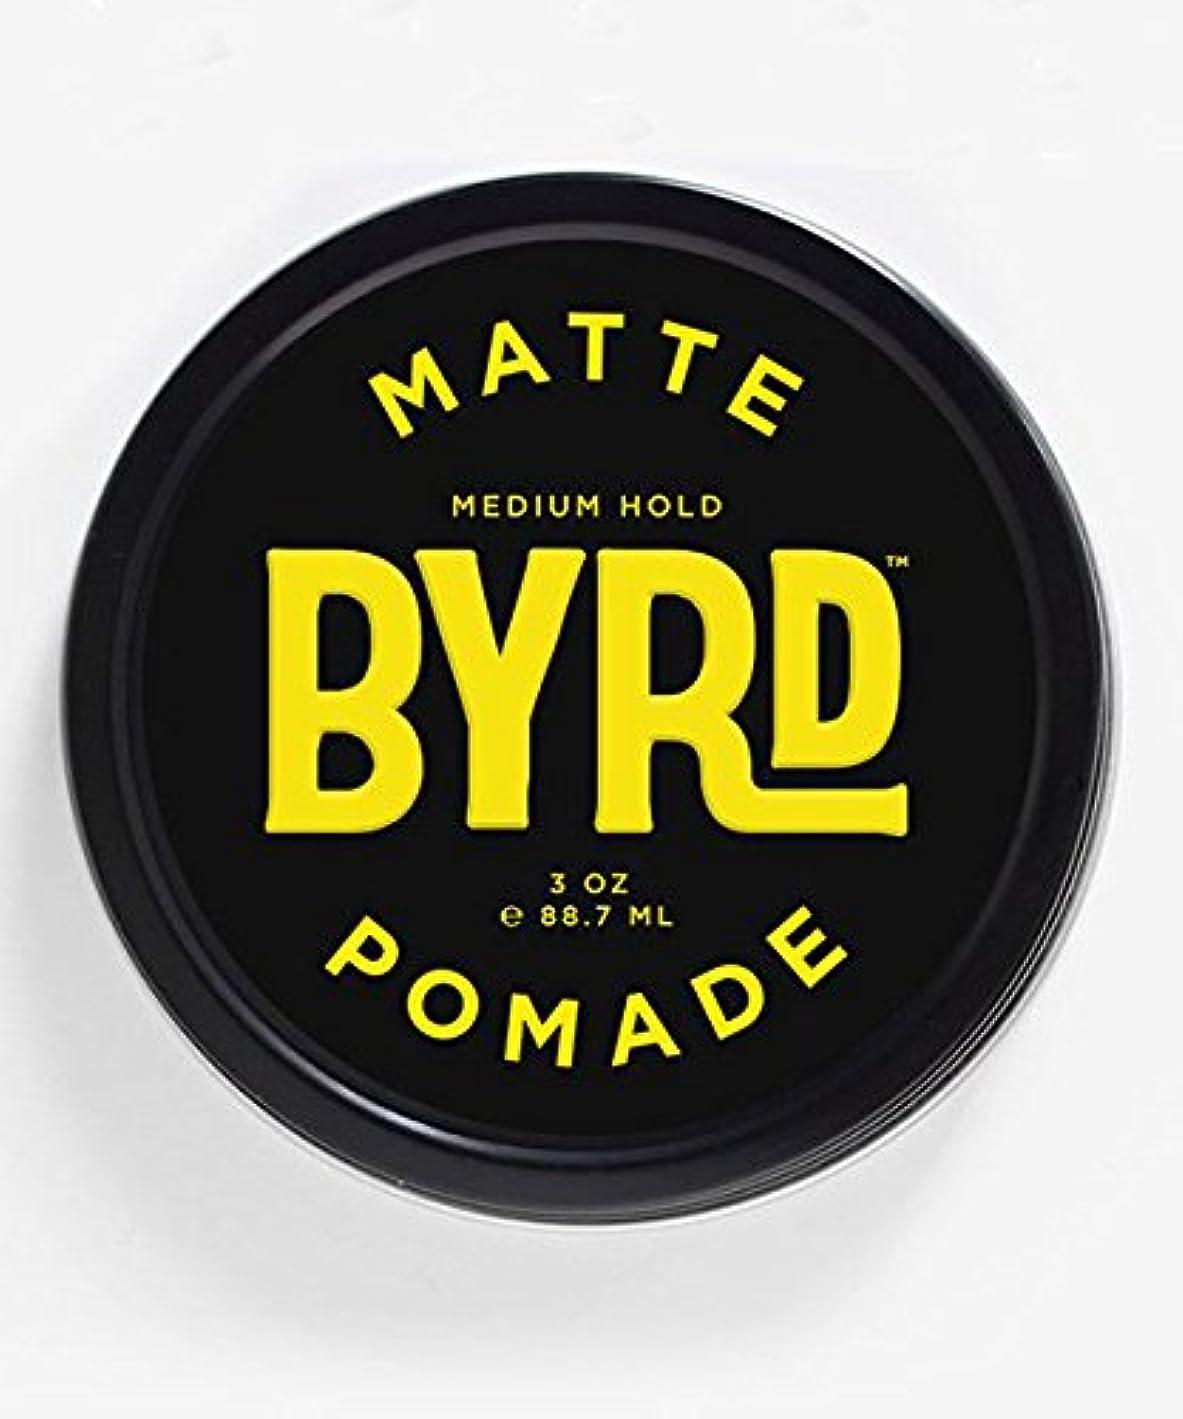 コロニアル美徳傾向がありますBYRD(バード) マットポマード 85g